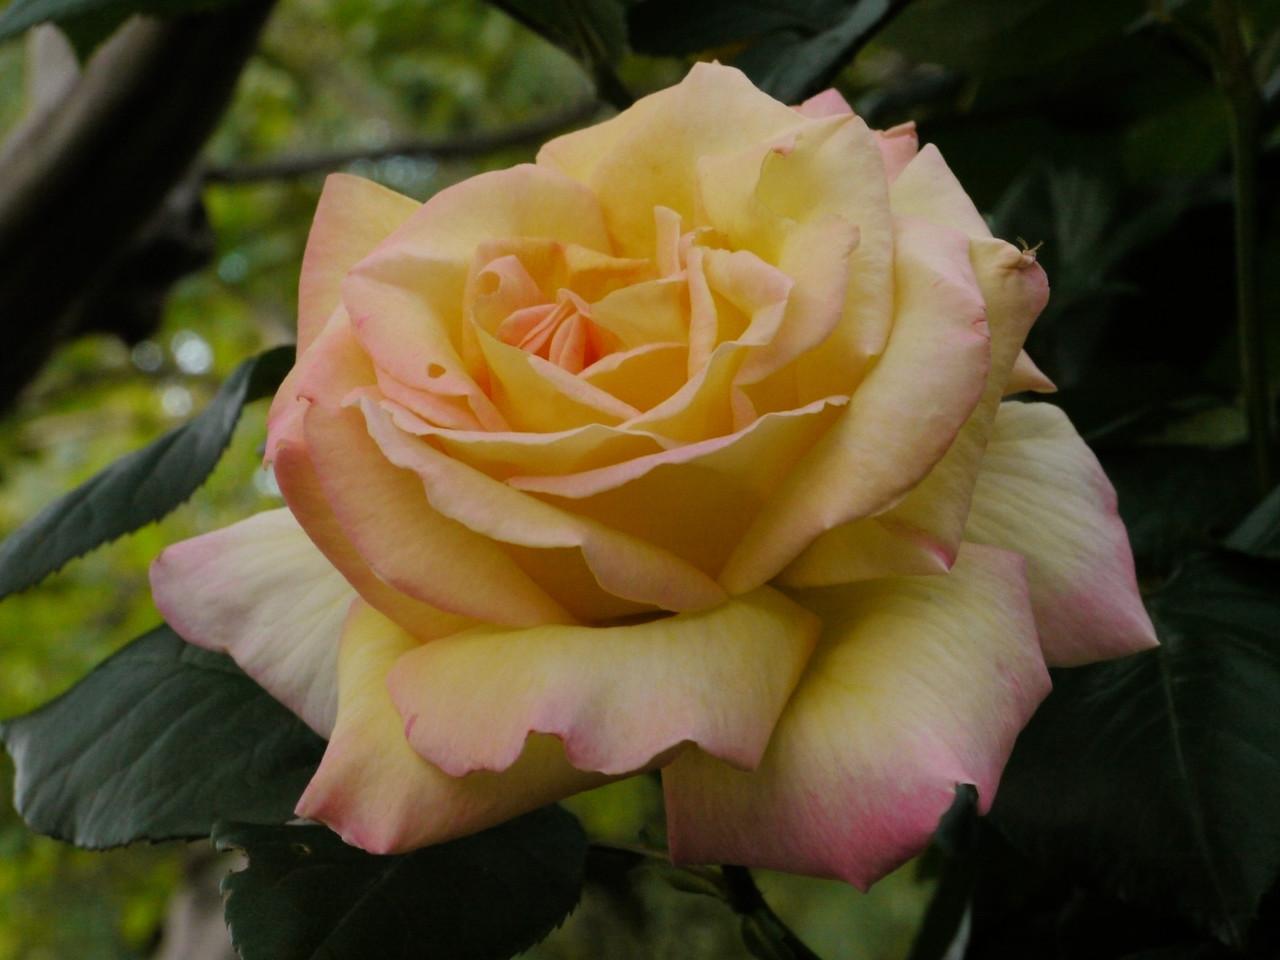 20121026_0647_4200 rose